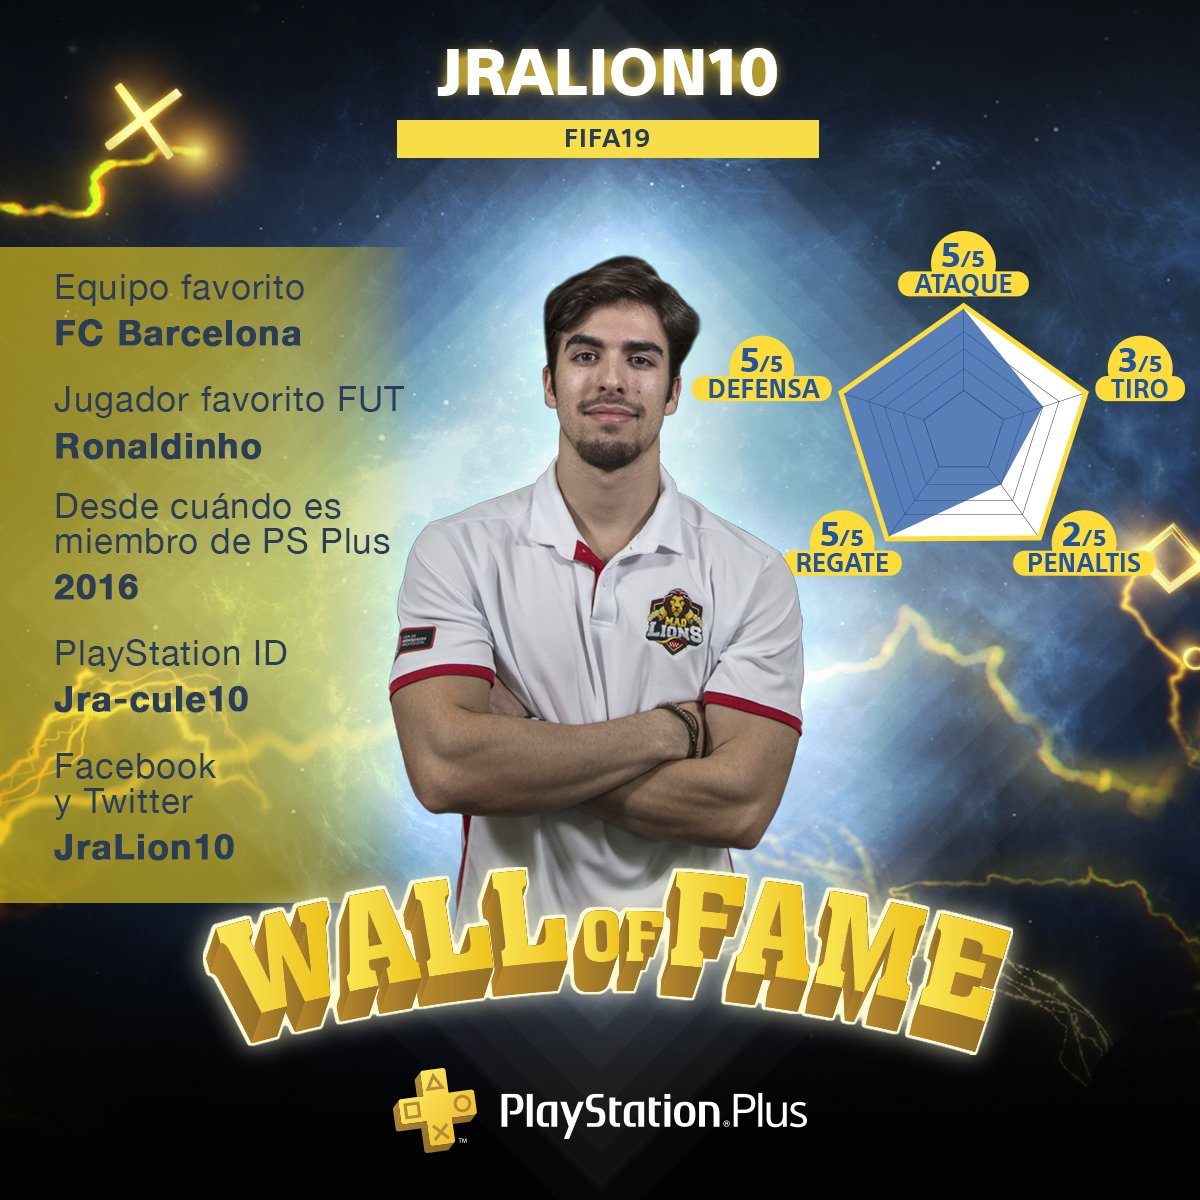 Esta semana en nuestra #WallOfFame os presentamos a @jralion10, uno de los 3 jugadores profesionales de #FIFA19 que representaron a España en la #ContinentalCup18.  ¿Preferirías retarlo a jugar un partido⚽️ o una ronda de penaltis 😂?  🎮 #CulturaGamer @LigaOficialPS